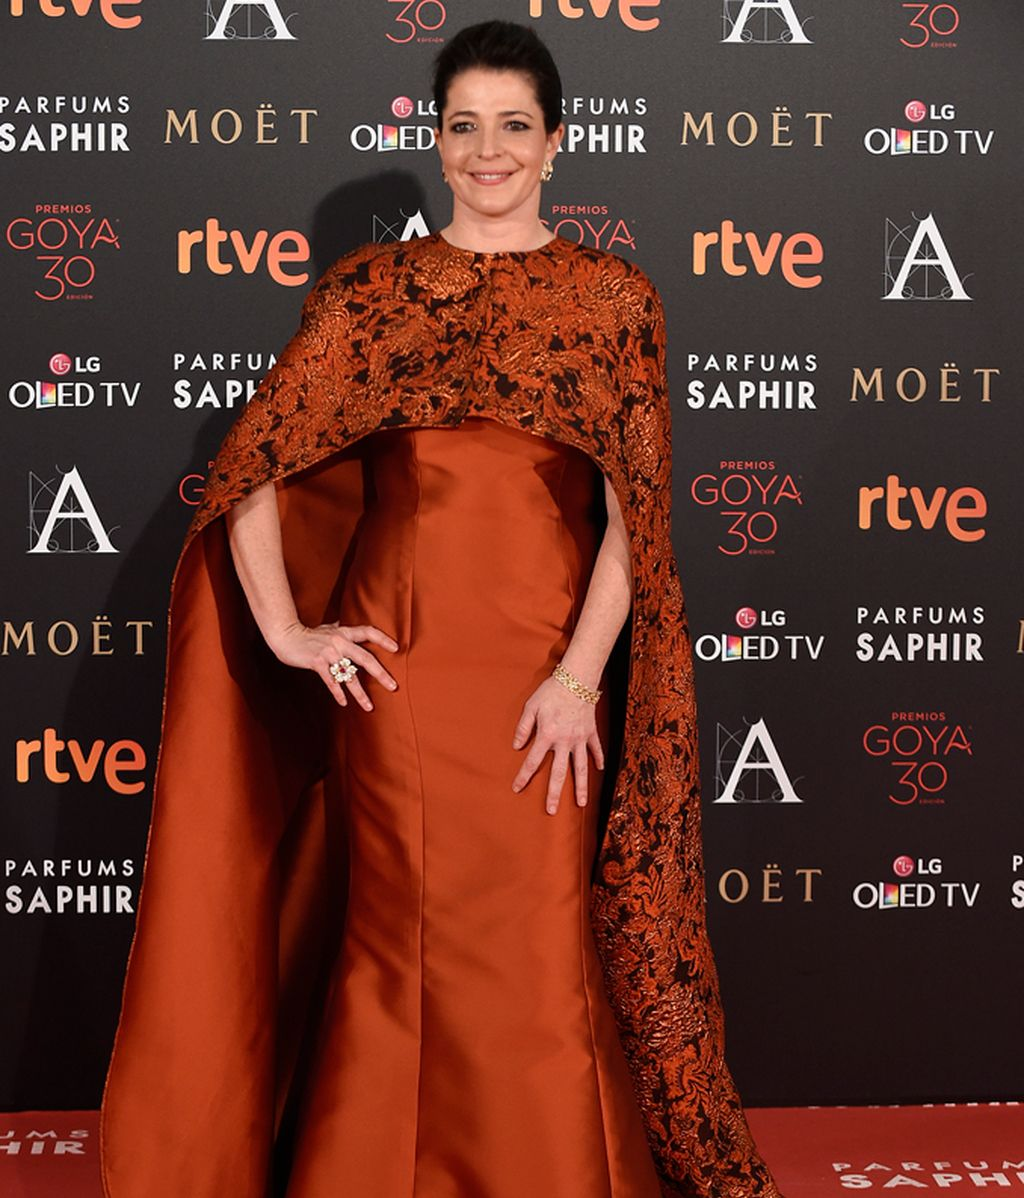 Nora Navas en la alfombra roja de los Goya